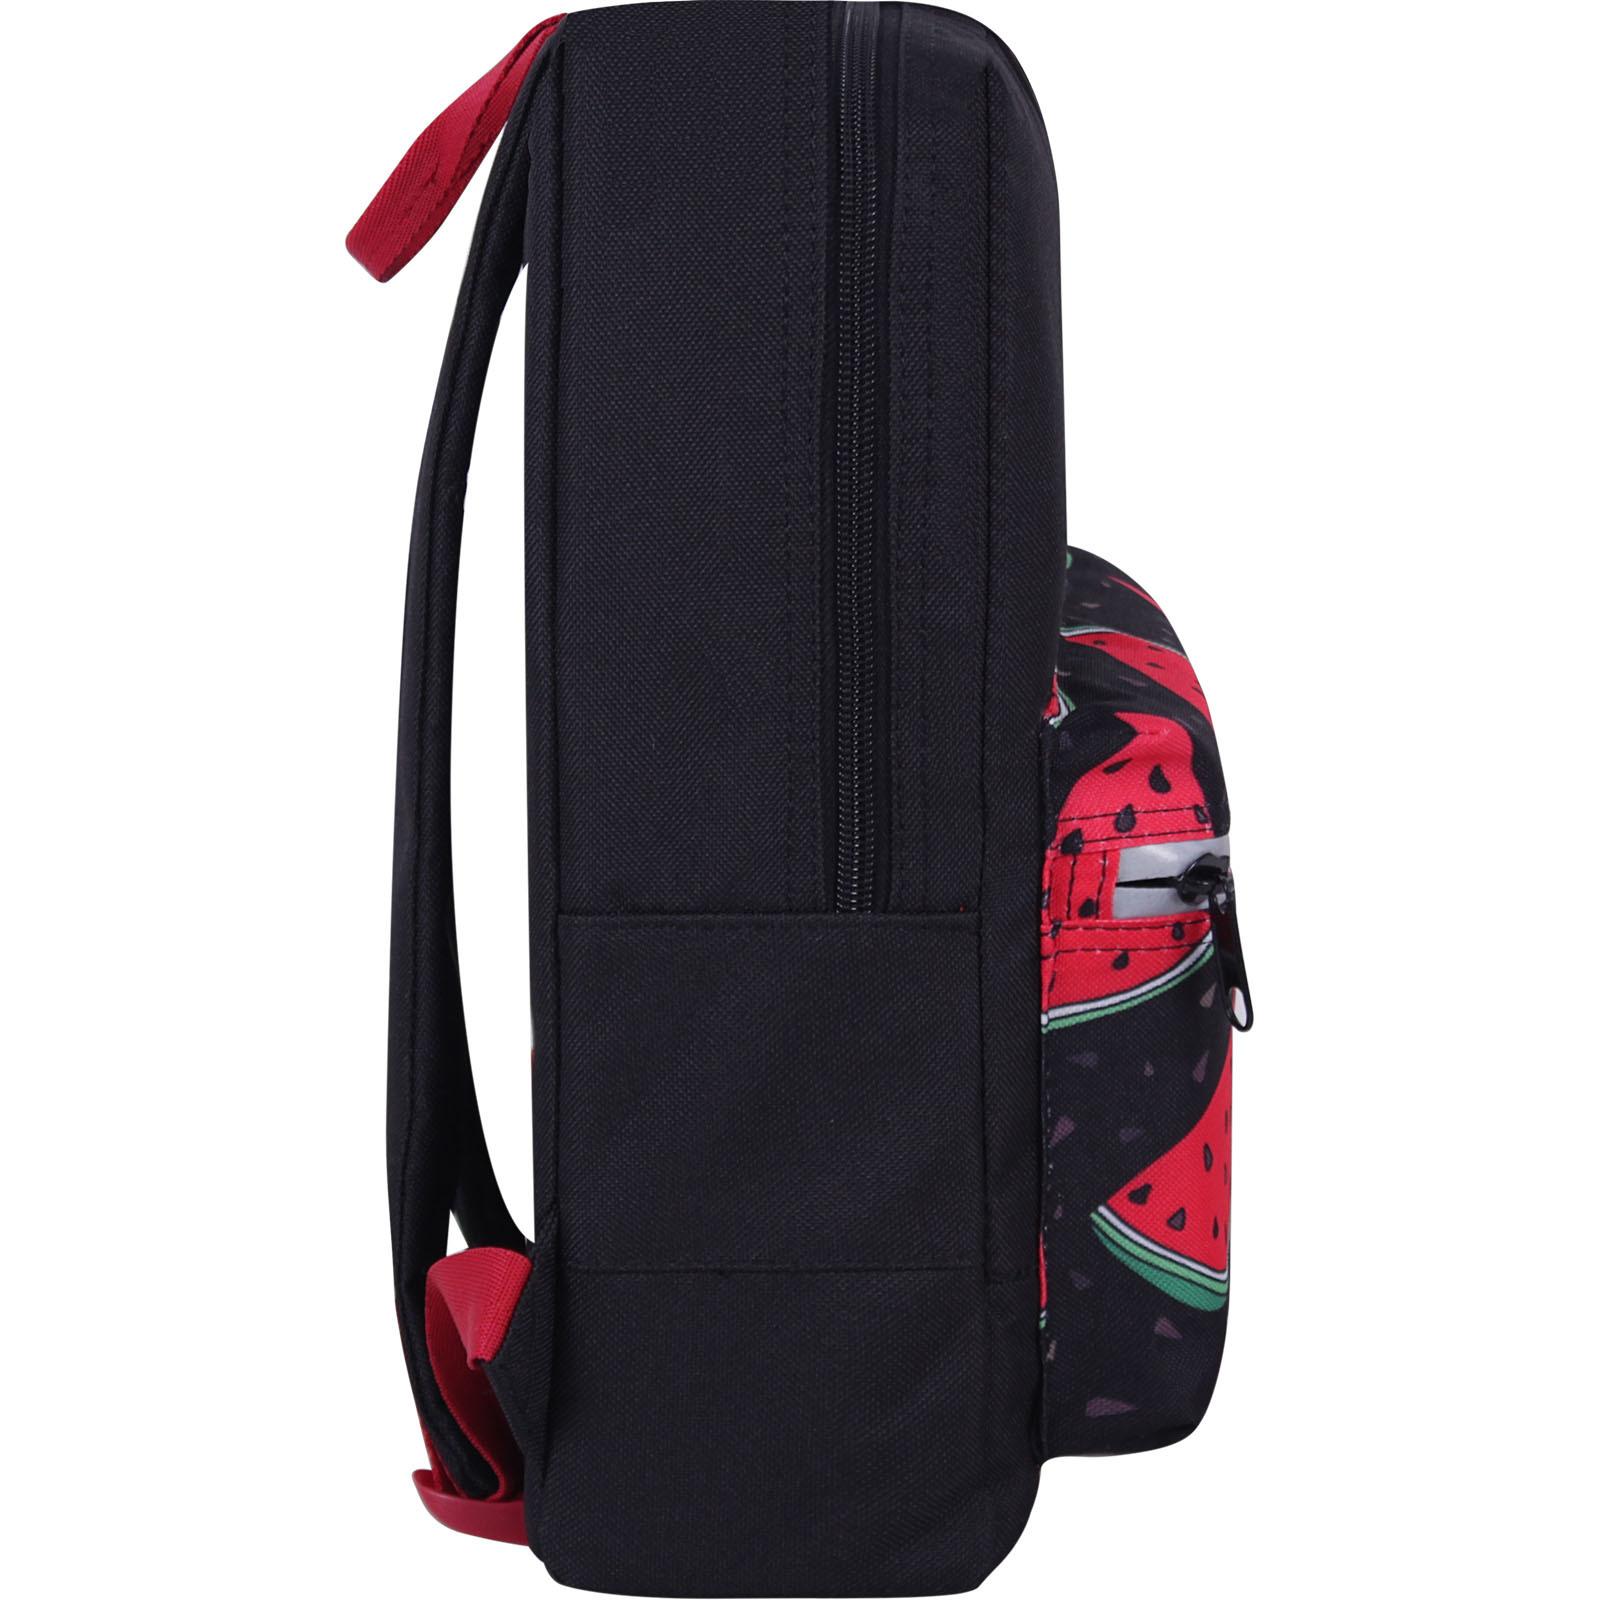 Рюкзак Bagland Молодежный mini 8 л. черный 768 (0050866) фото 2